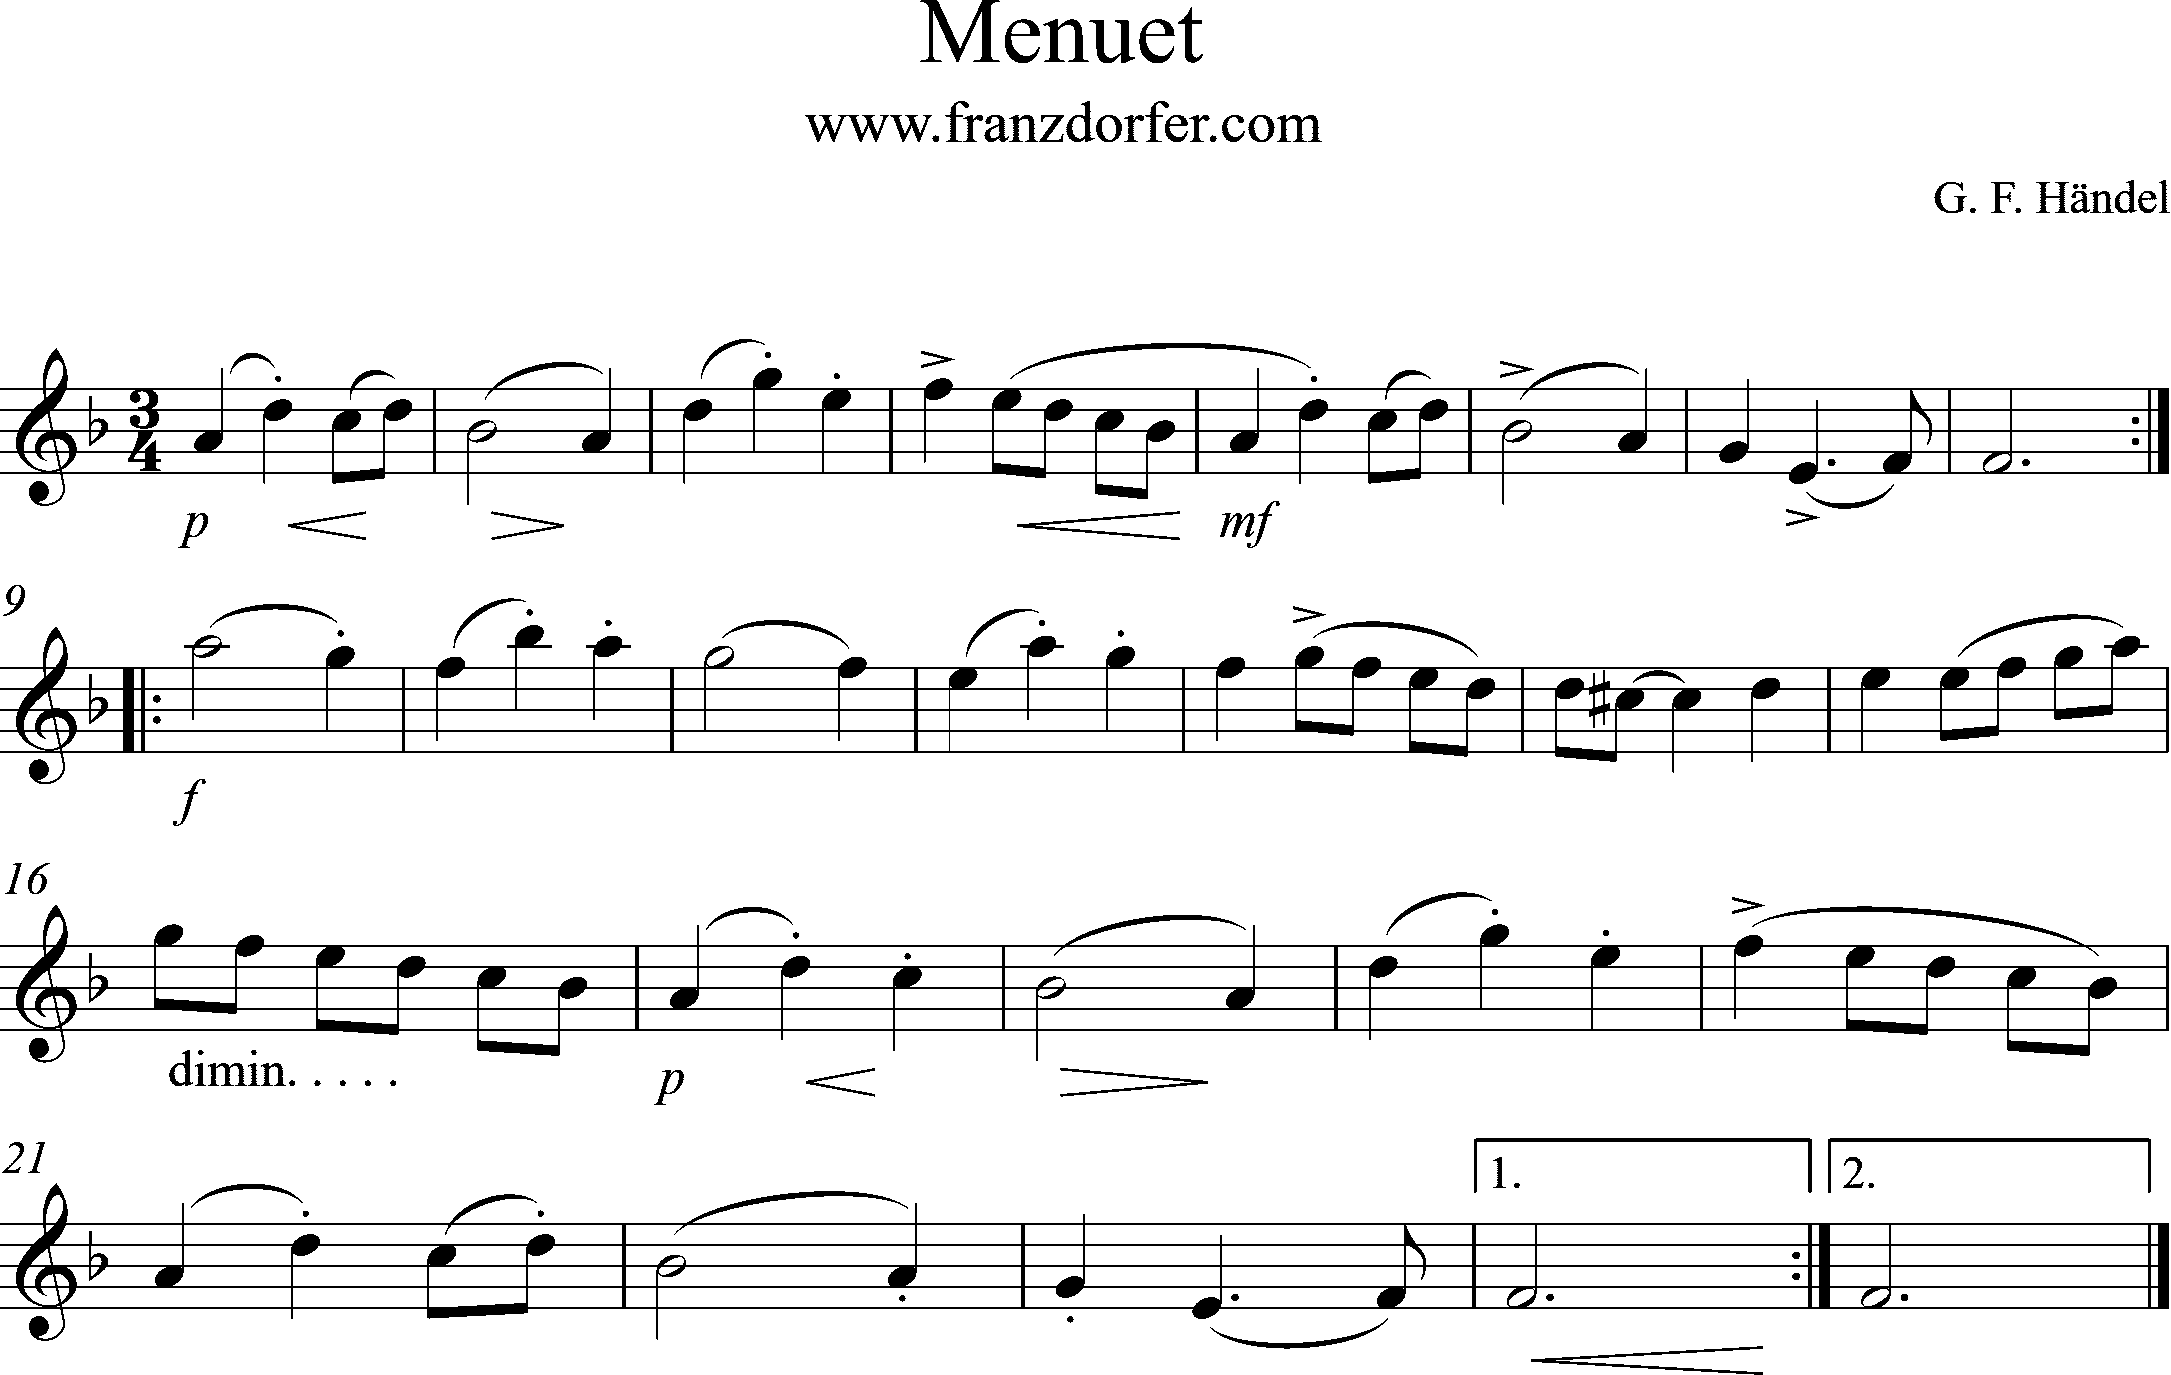 Noten Klarinette Menuet Händel